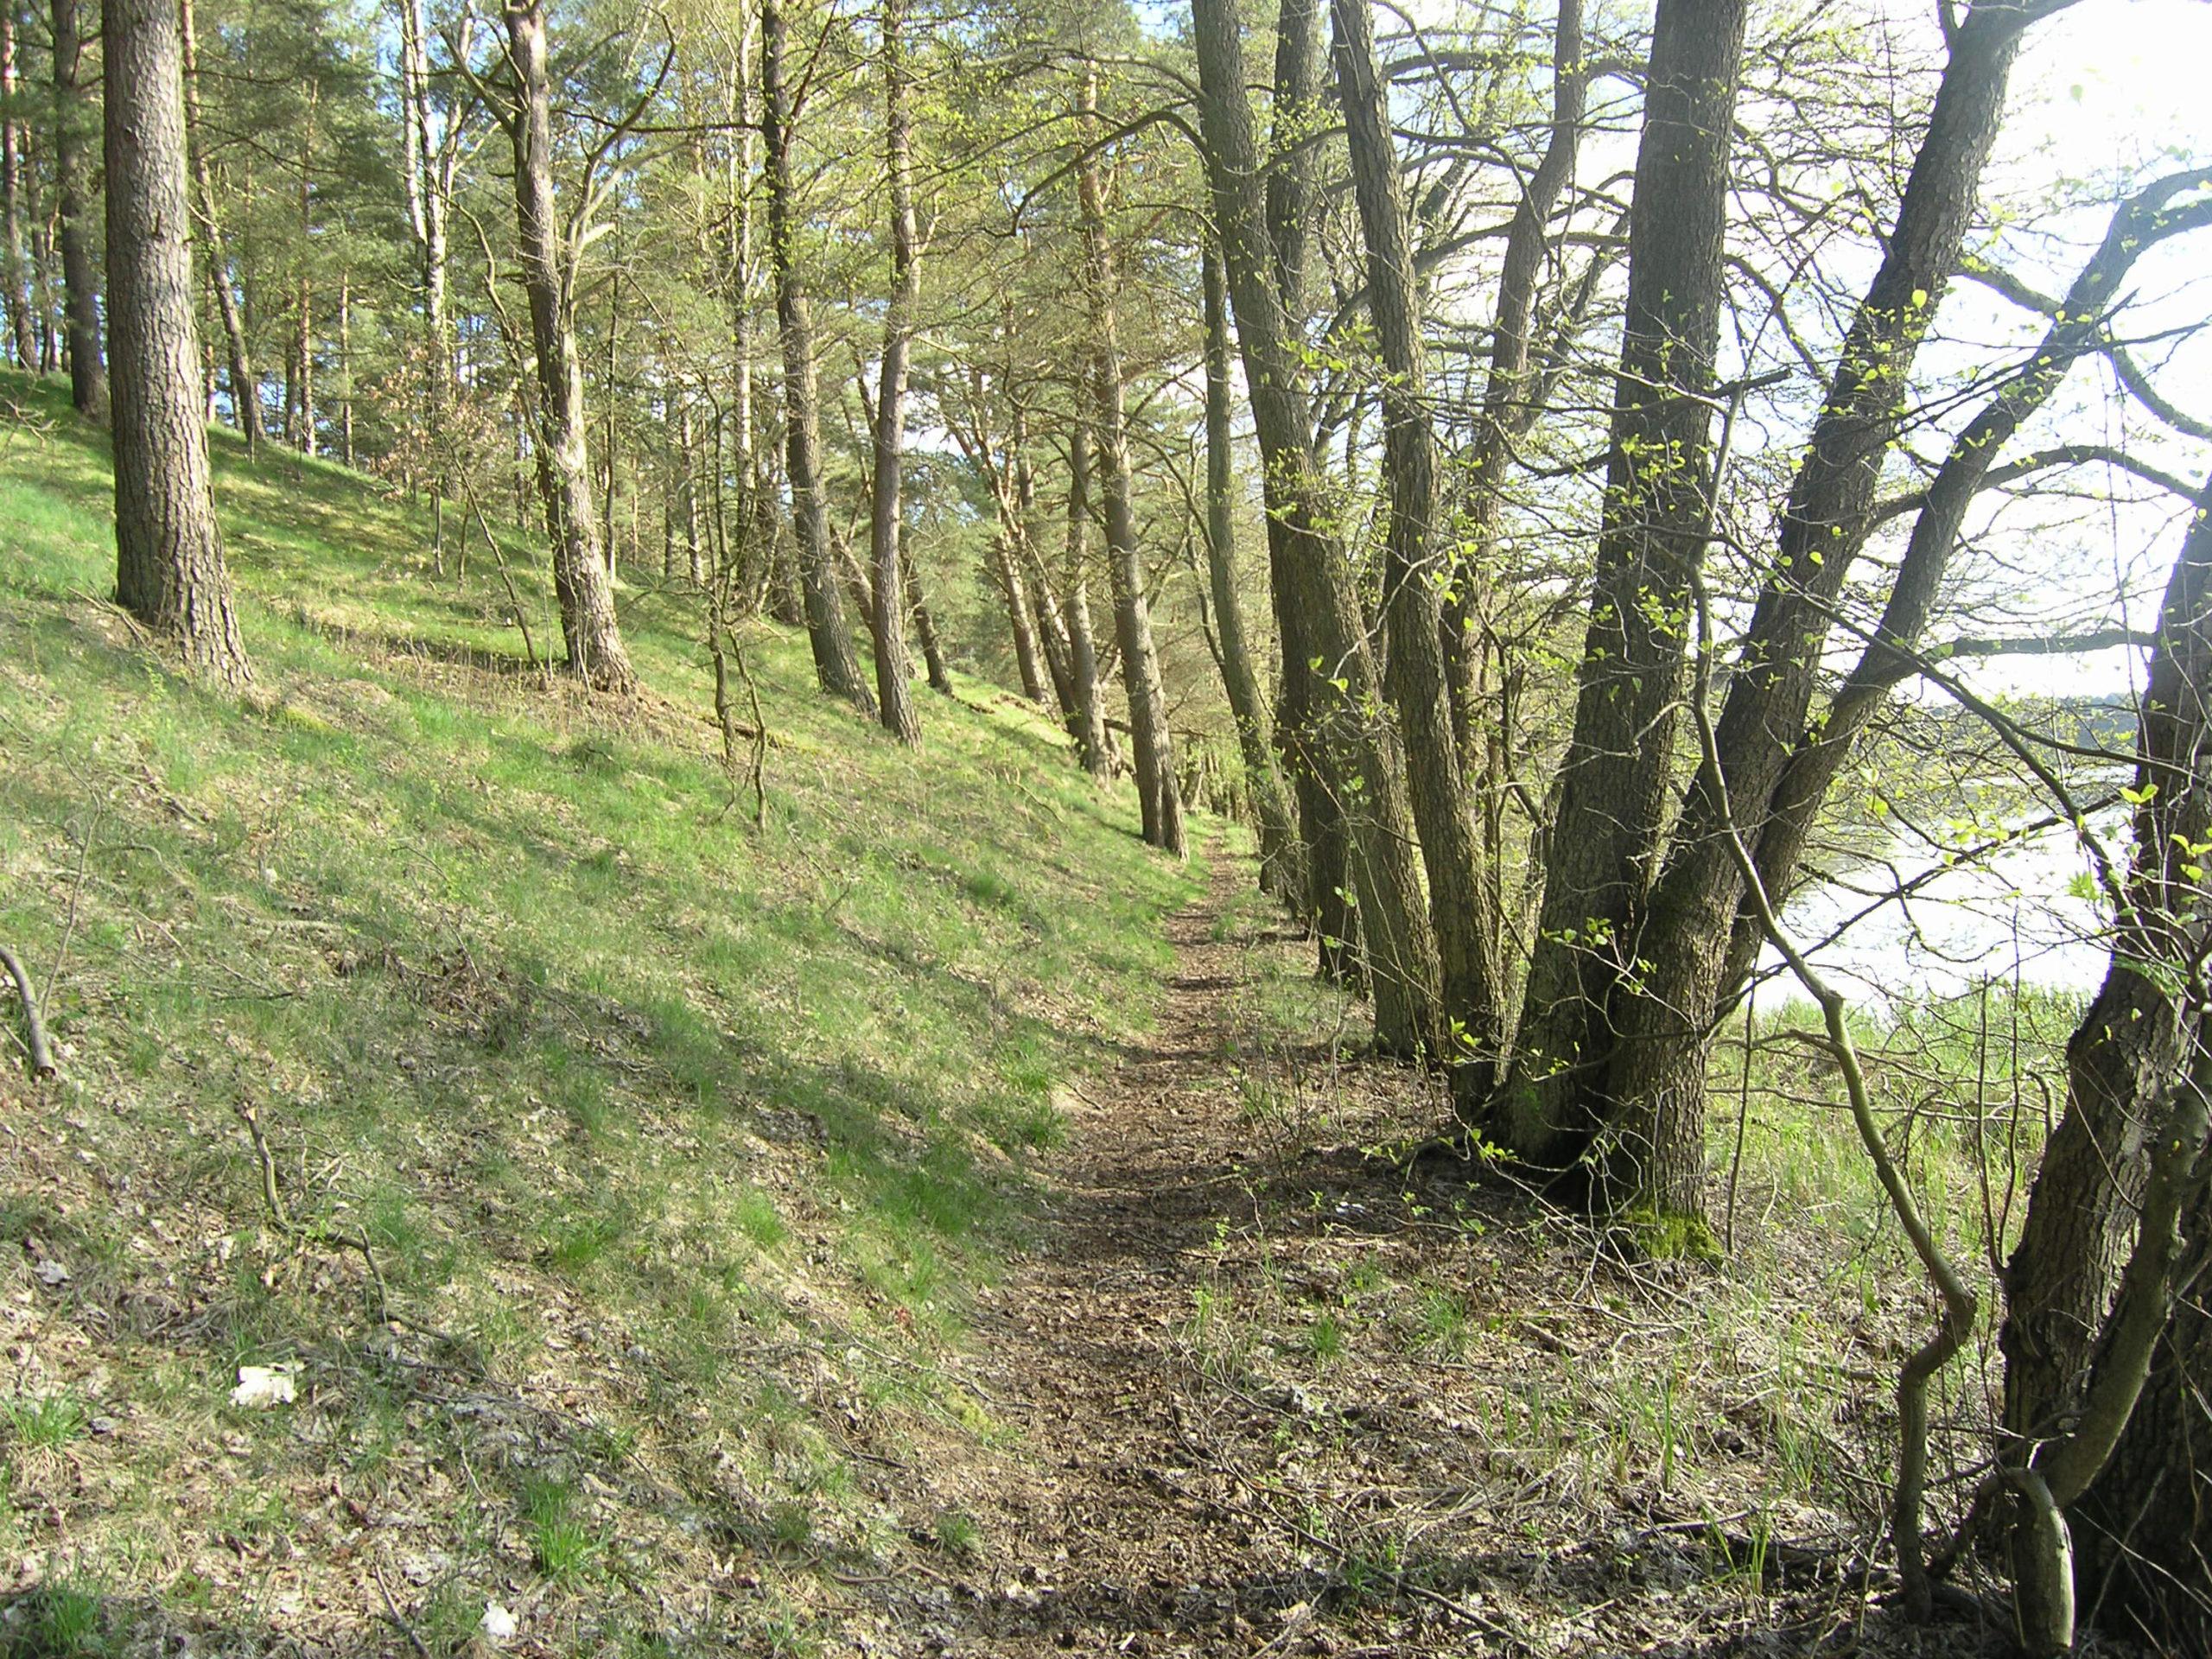 Ścieżka wśród drzew nad jeziorem